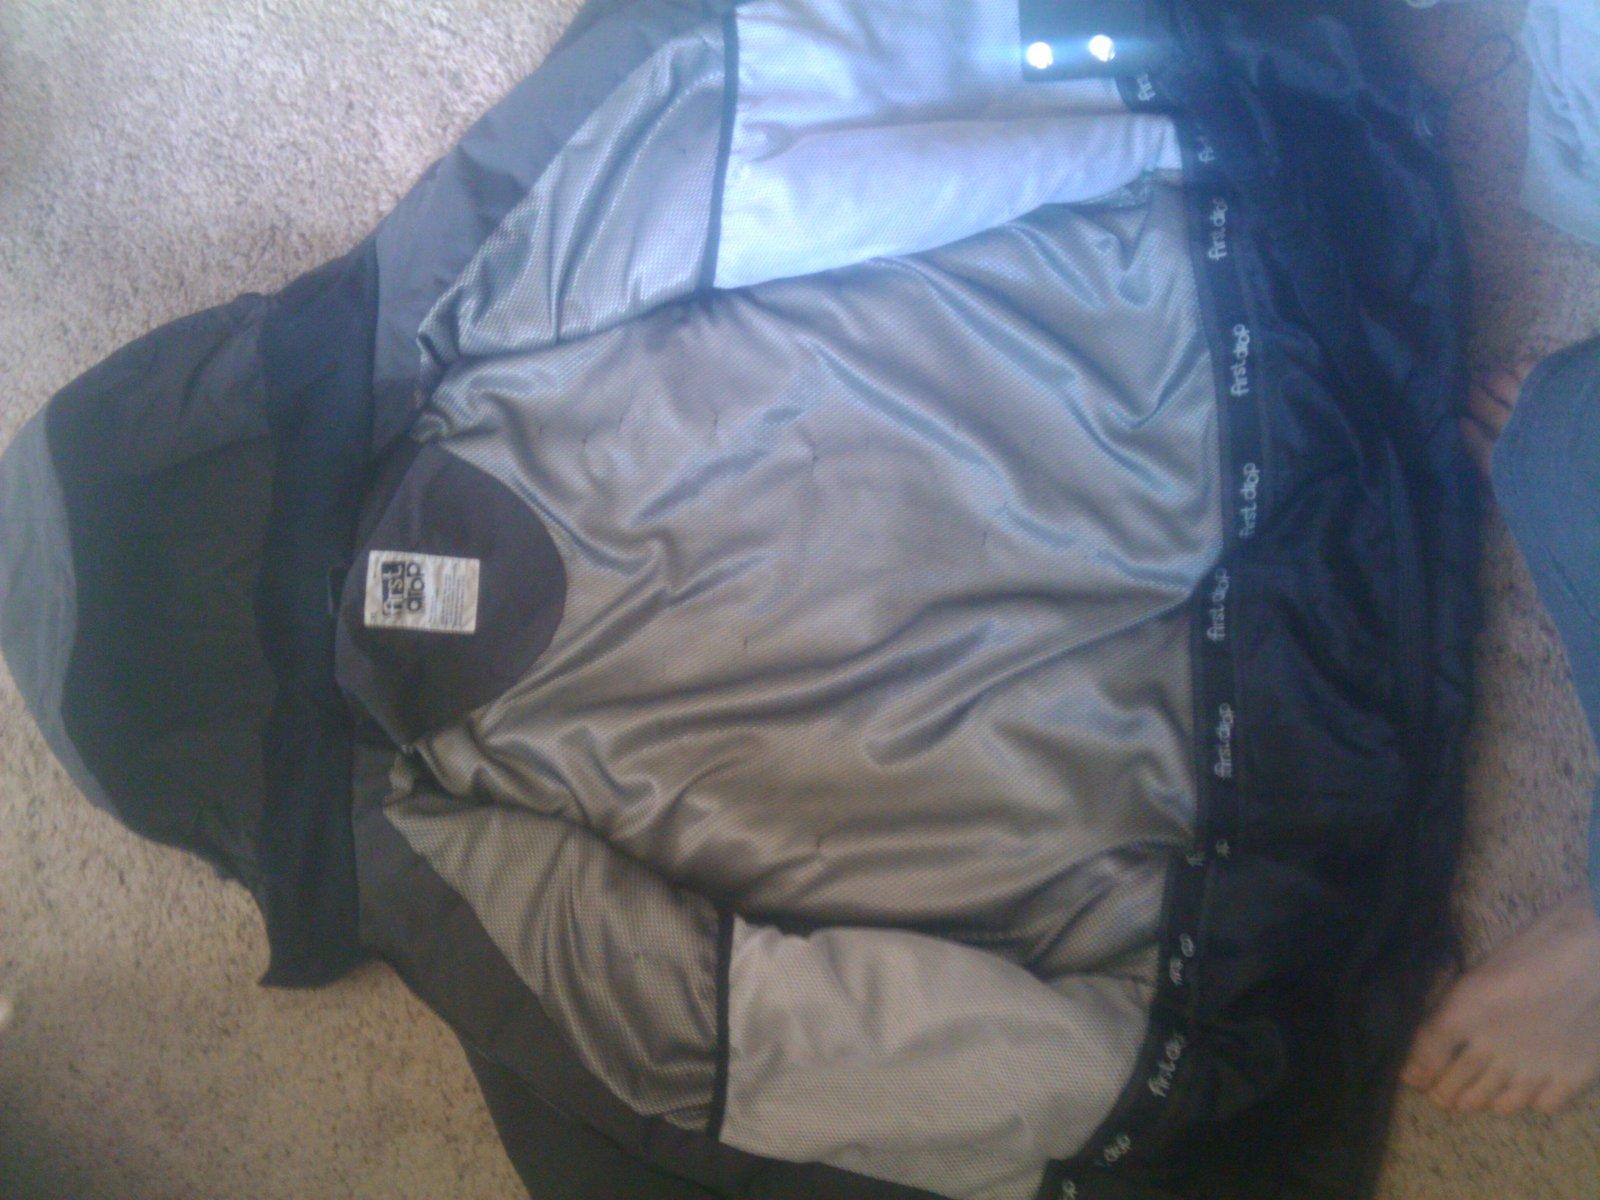 FD coat open